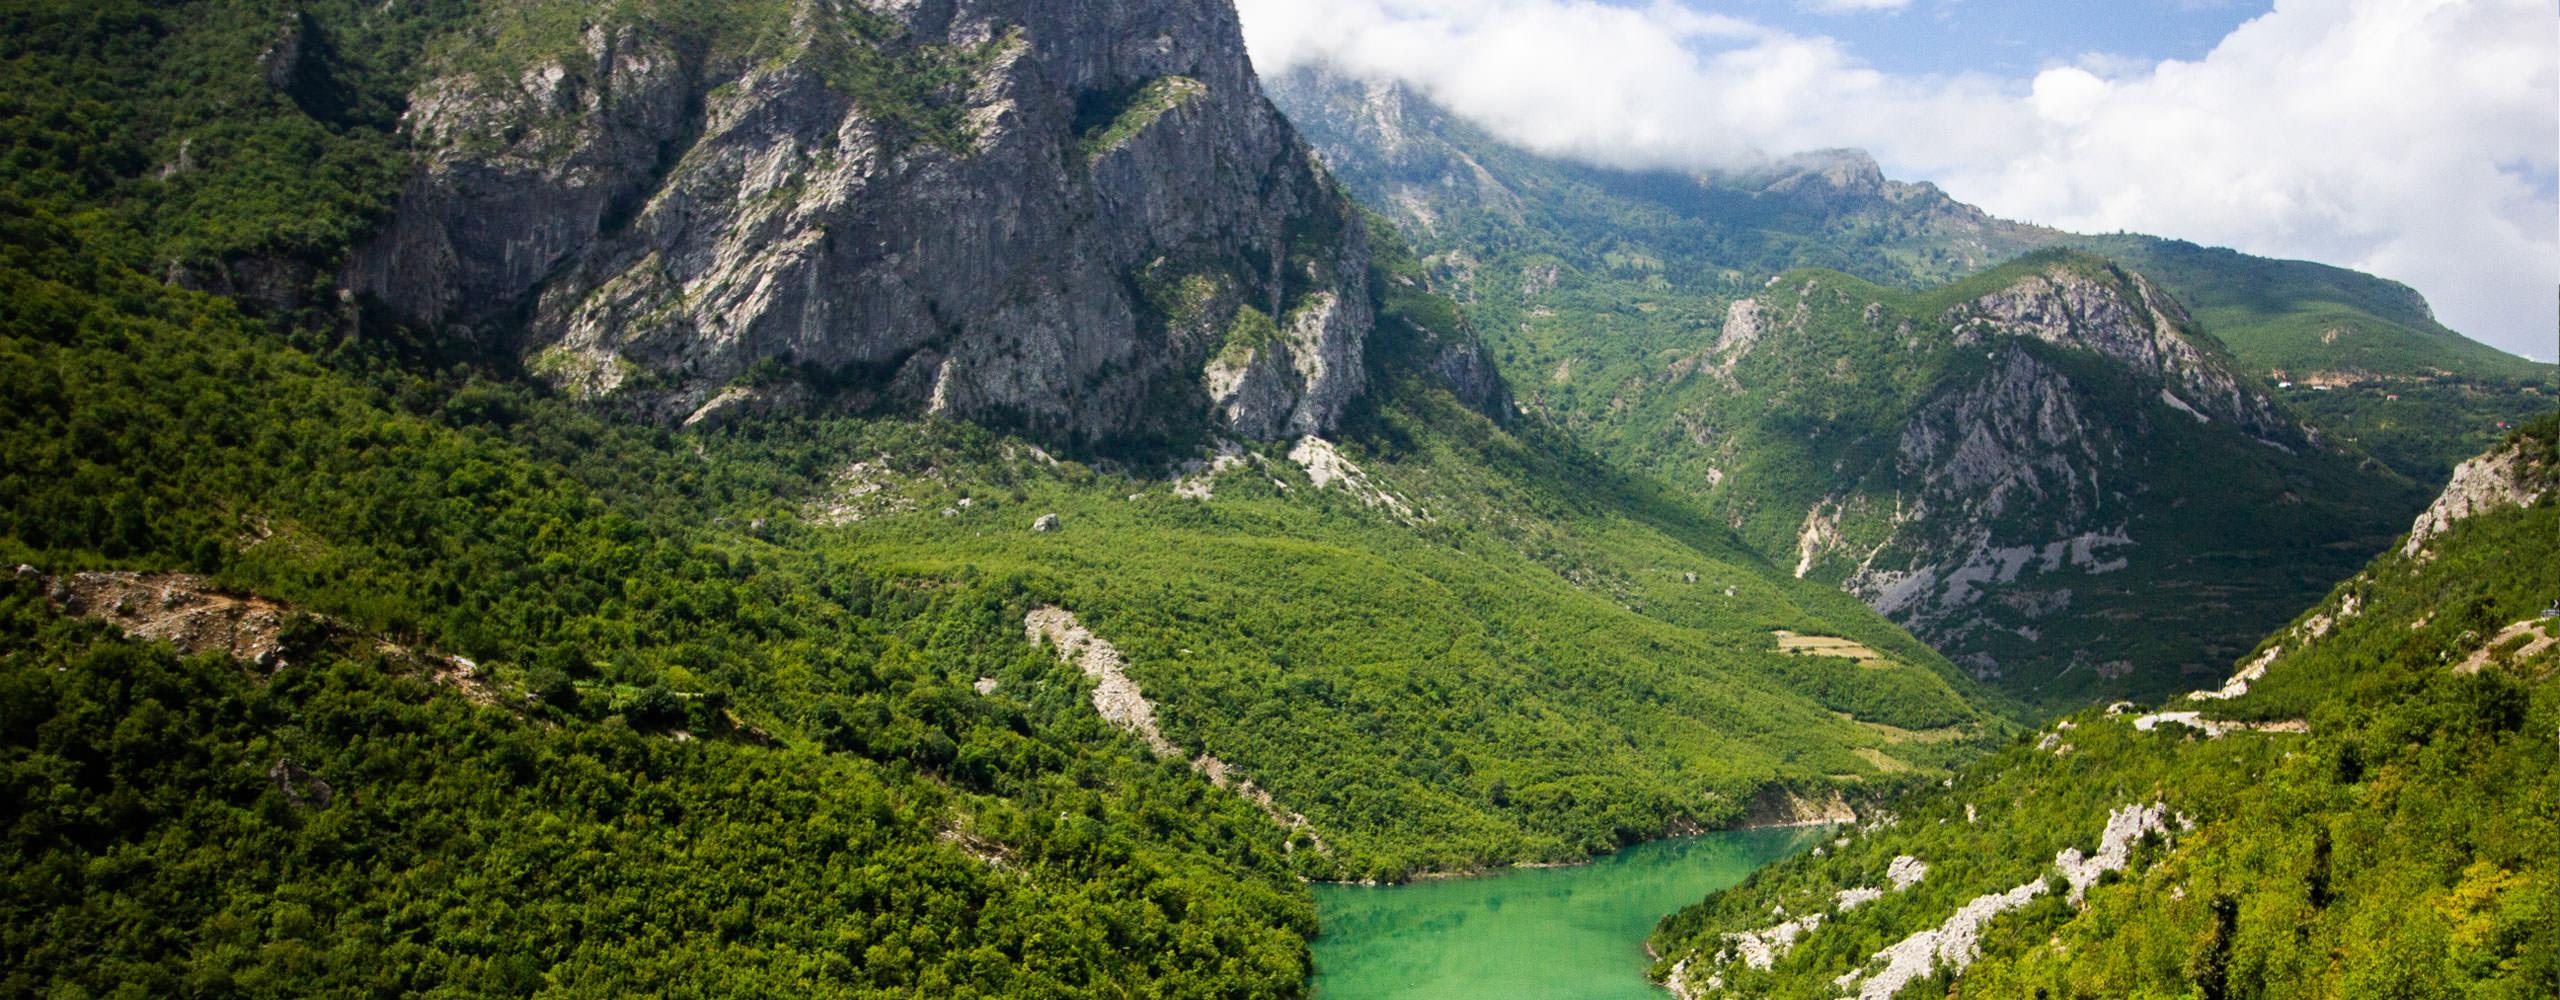 כתבות על אלבניה